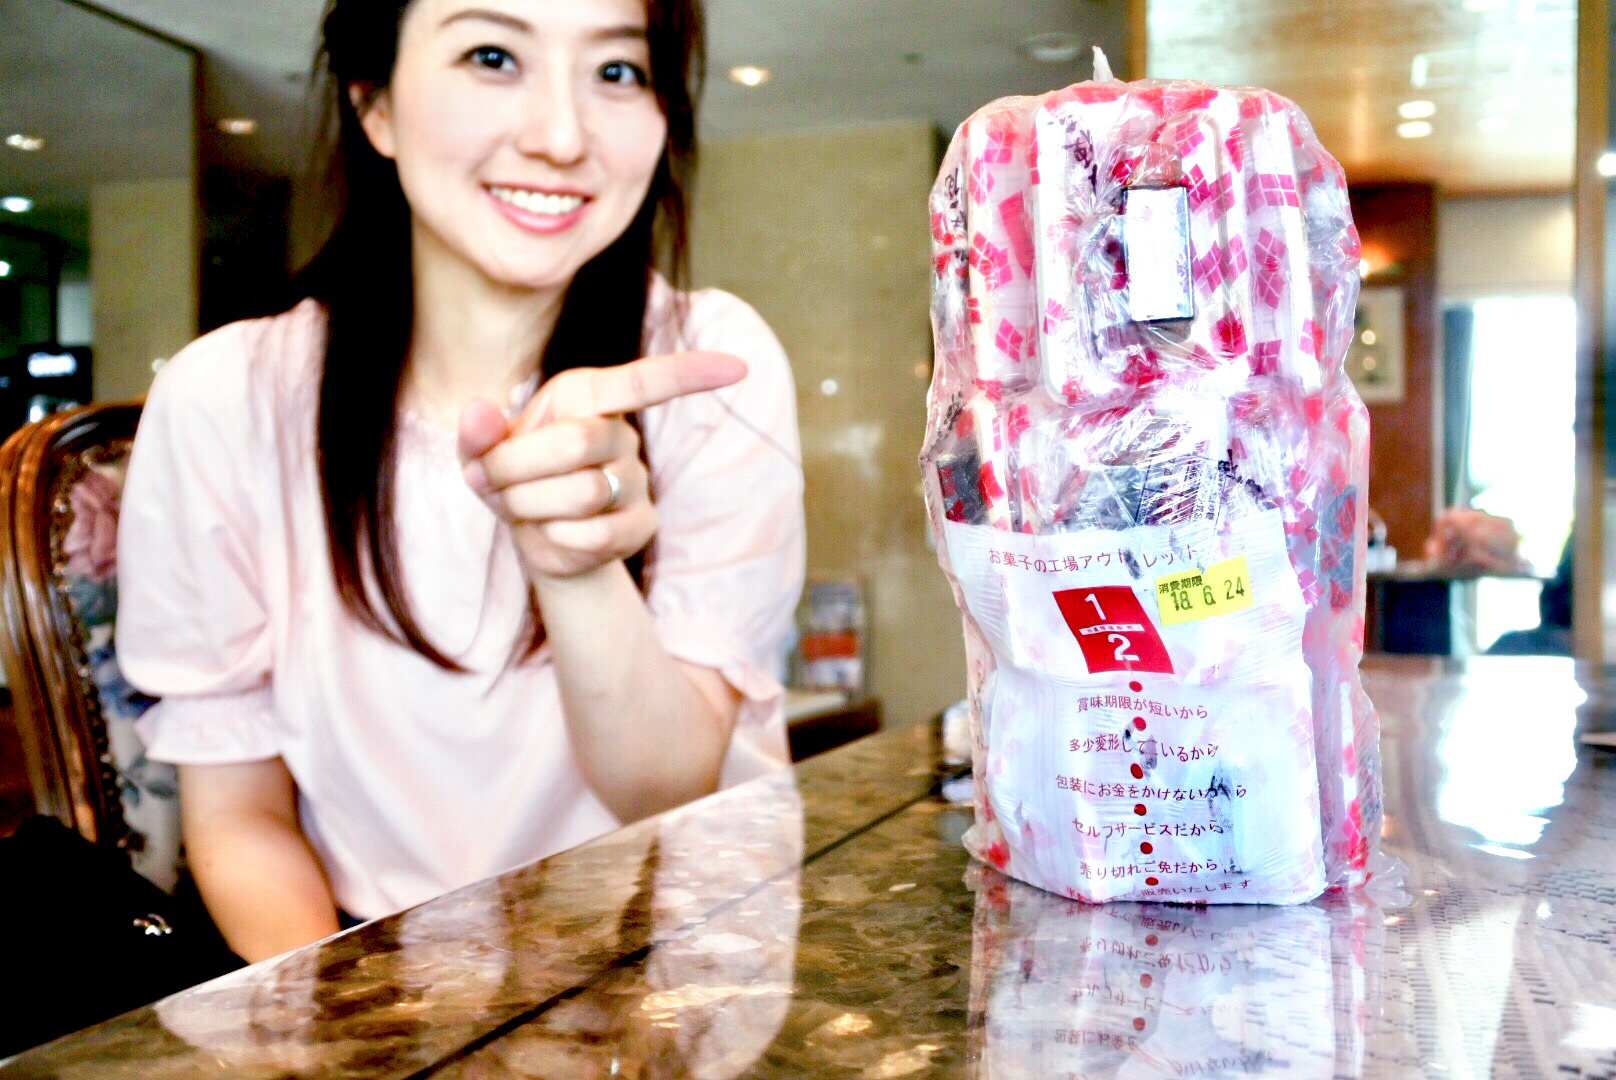 桔梗信玄餅工場へGO!220円で信玄餅を詰め放題★18個なら上級者!